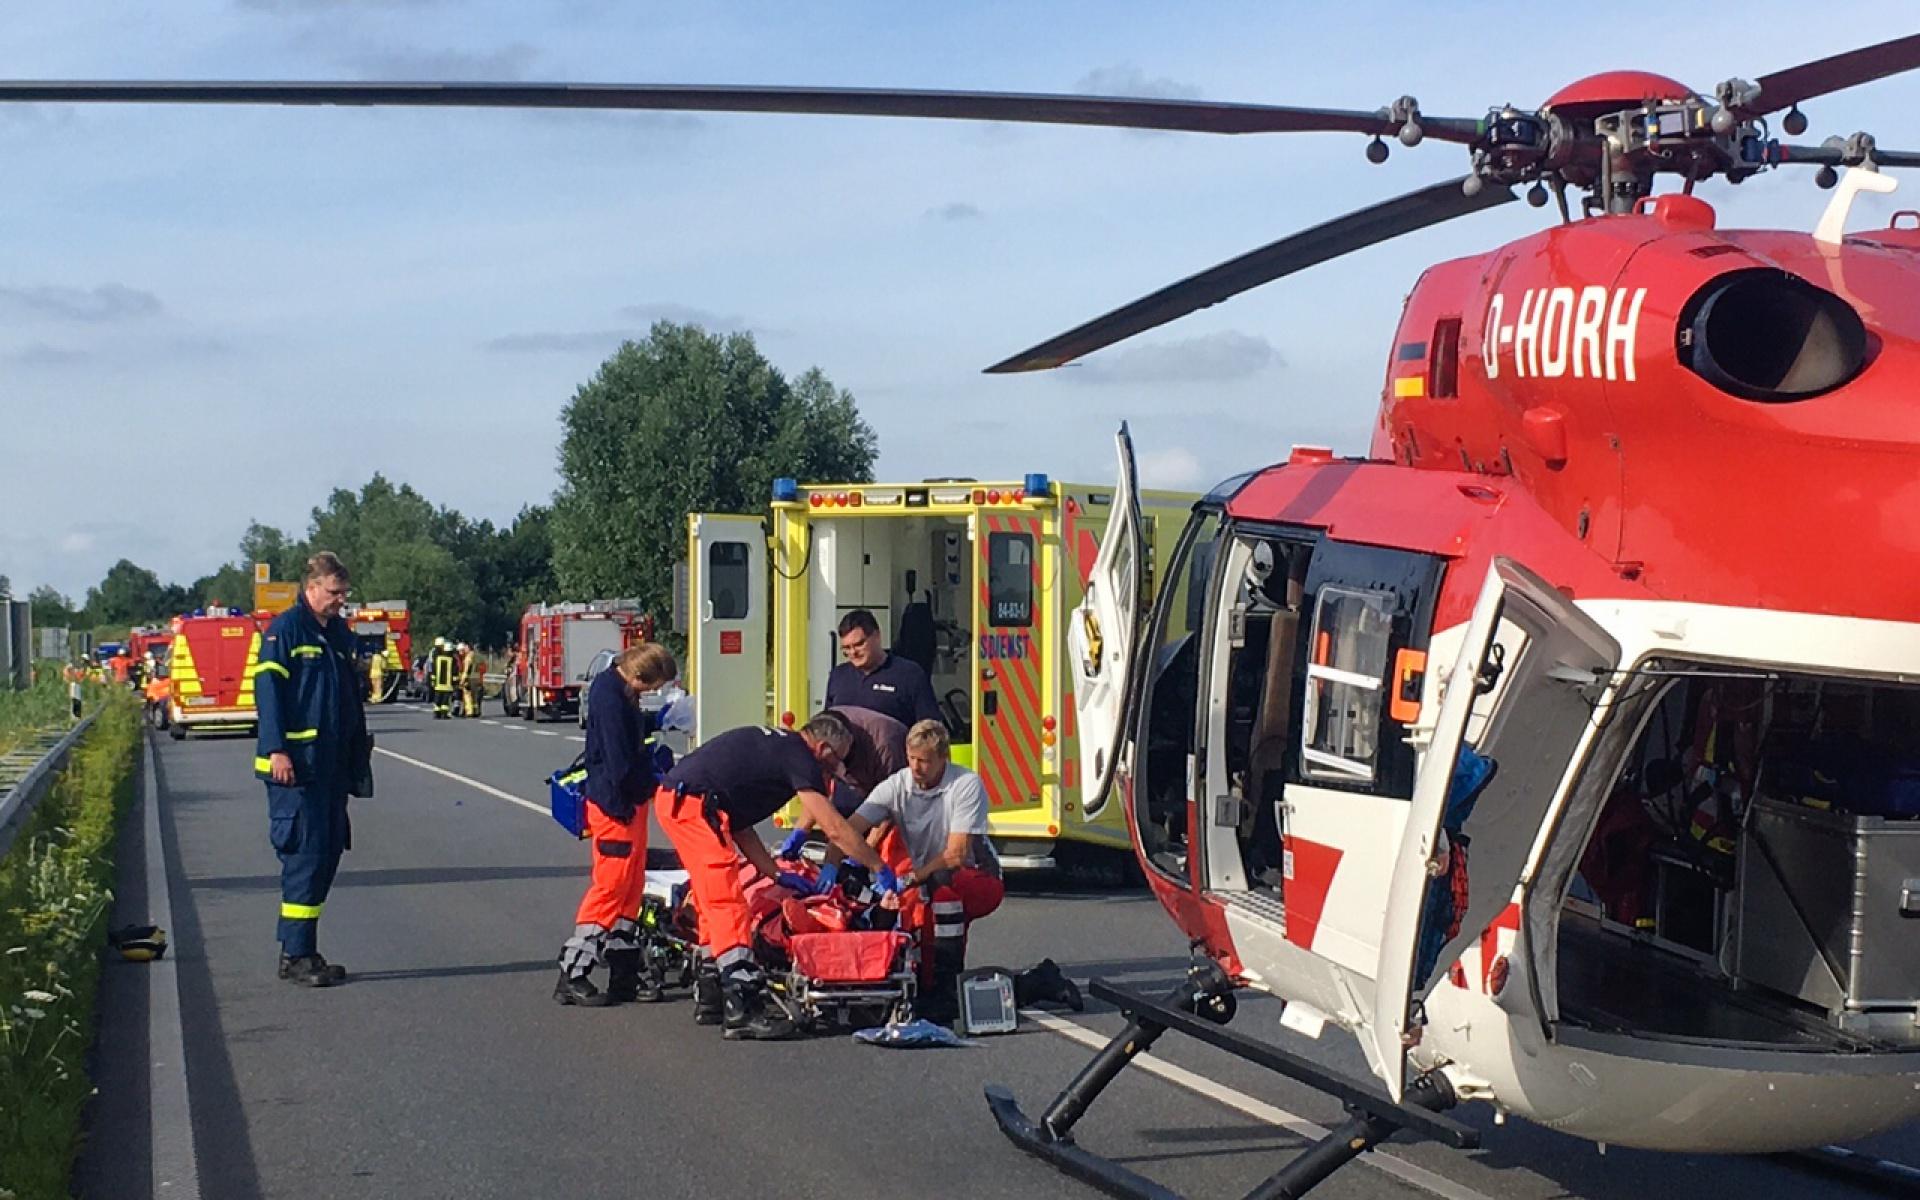 Tragischer Unfall auf der B 212 bei Nordenham. Die Besatzung von Christoph Weser der DRF Luftrettung fliegt eine Patientin nach der notärztlichen Versorgung vor Ort in eine Klinik.